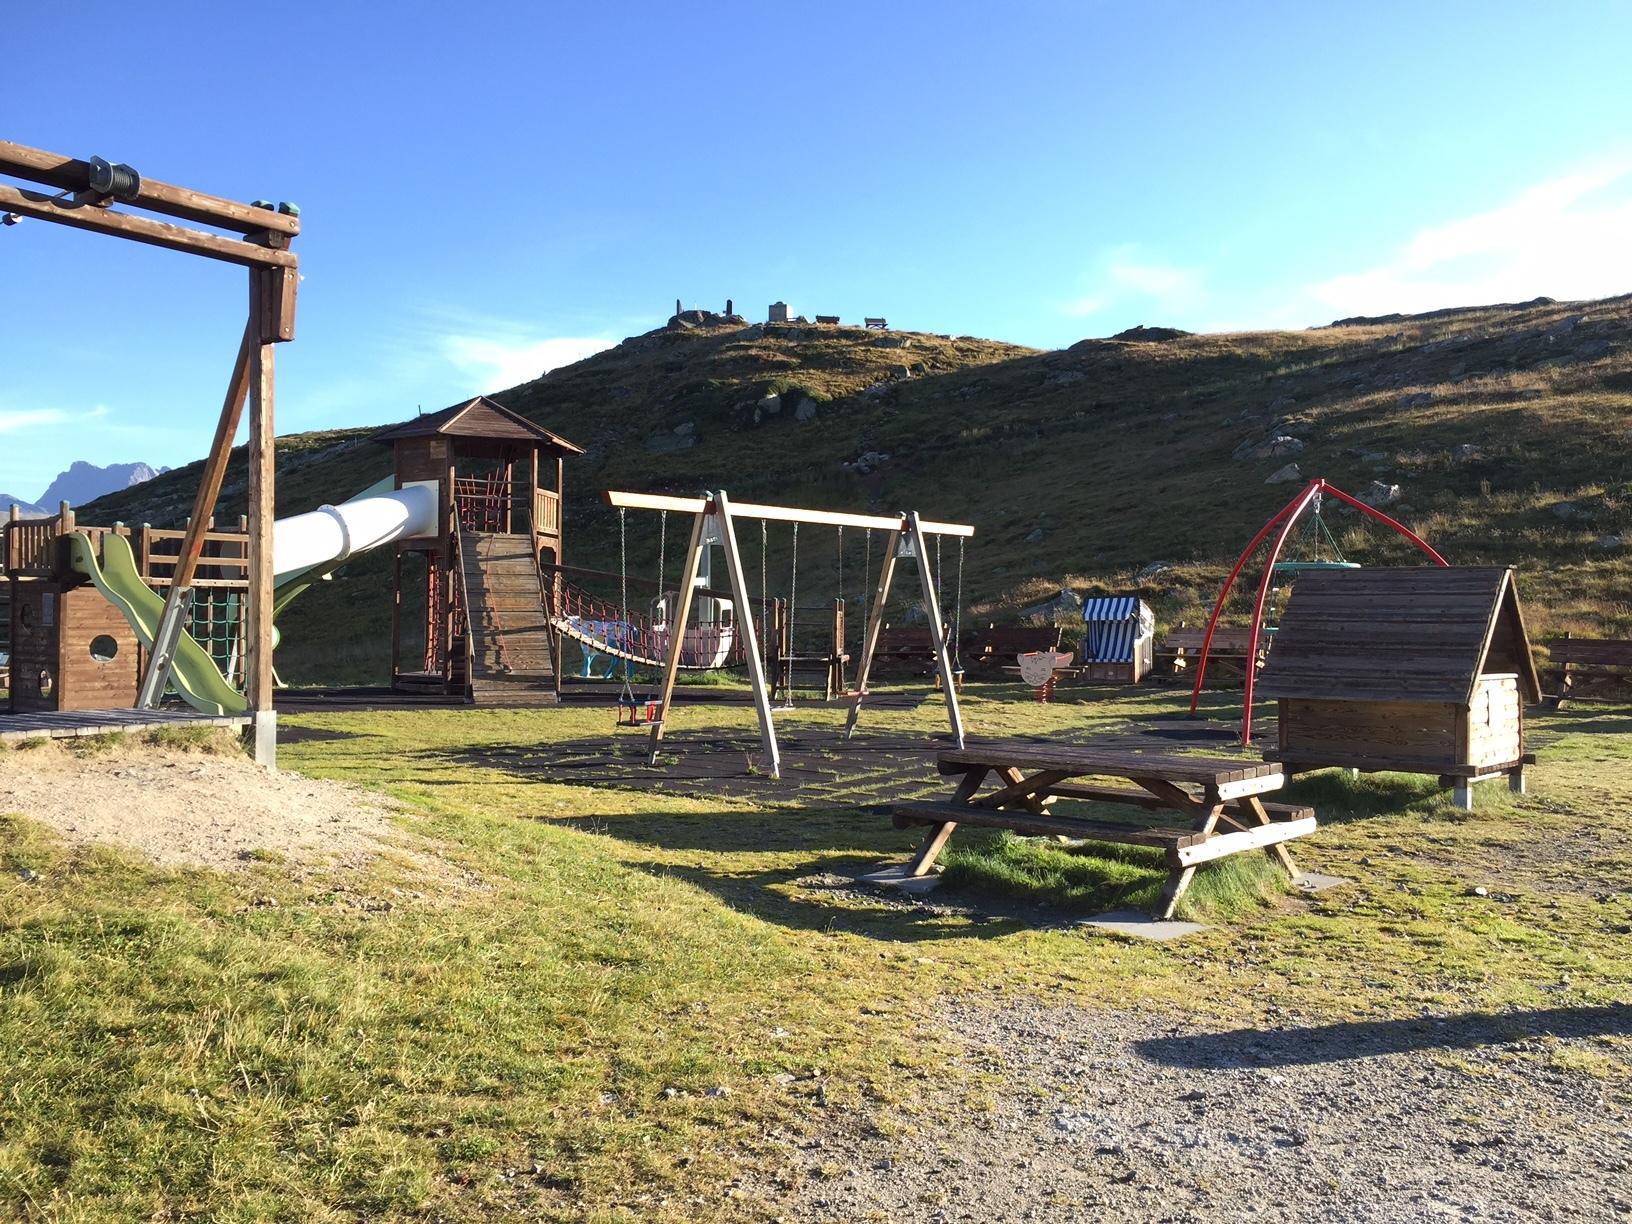 Kinderspielplatz Muottas Muragl Slide 6